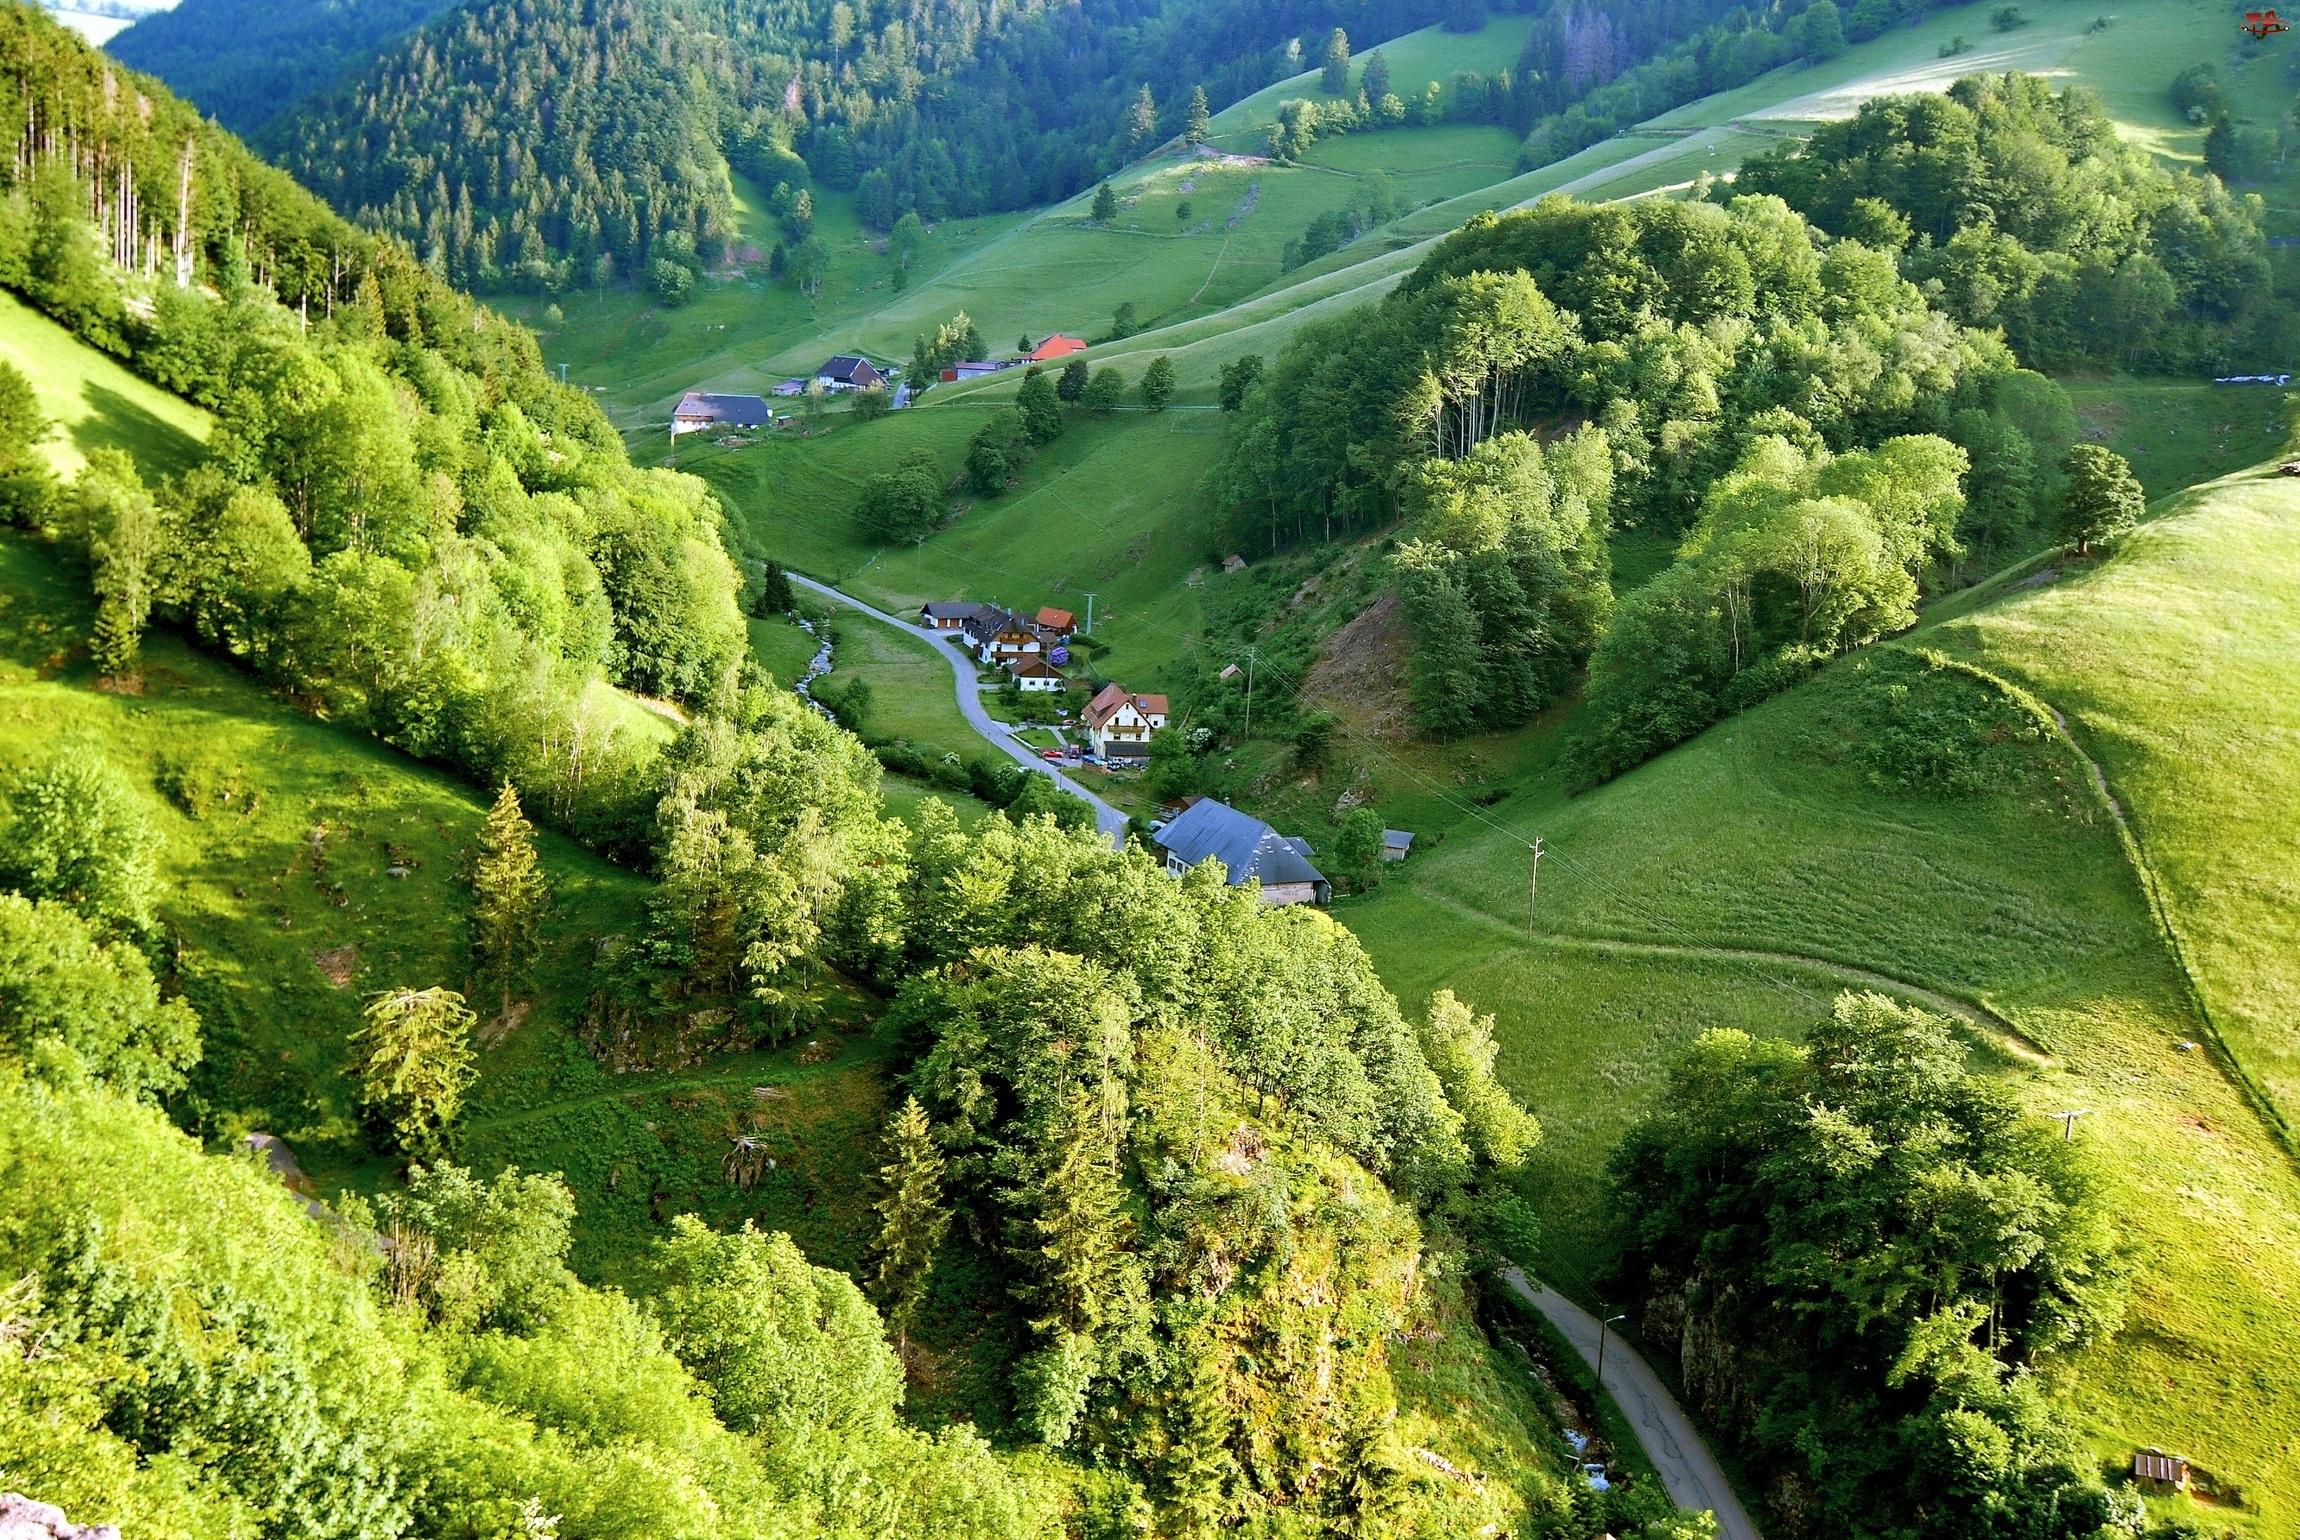 Wioska Schwarzwald, Droga, Góry, Drzewa, Doliny